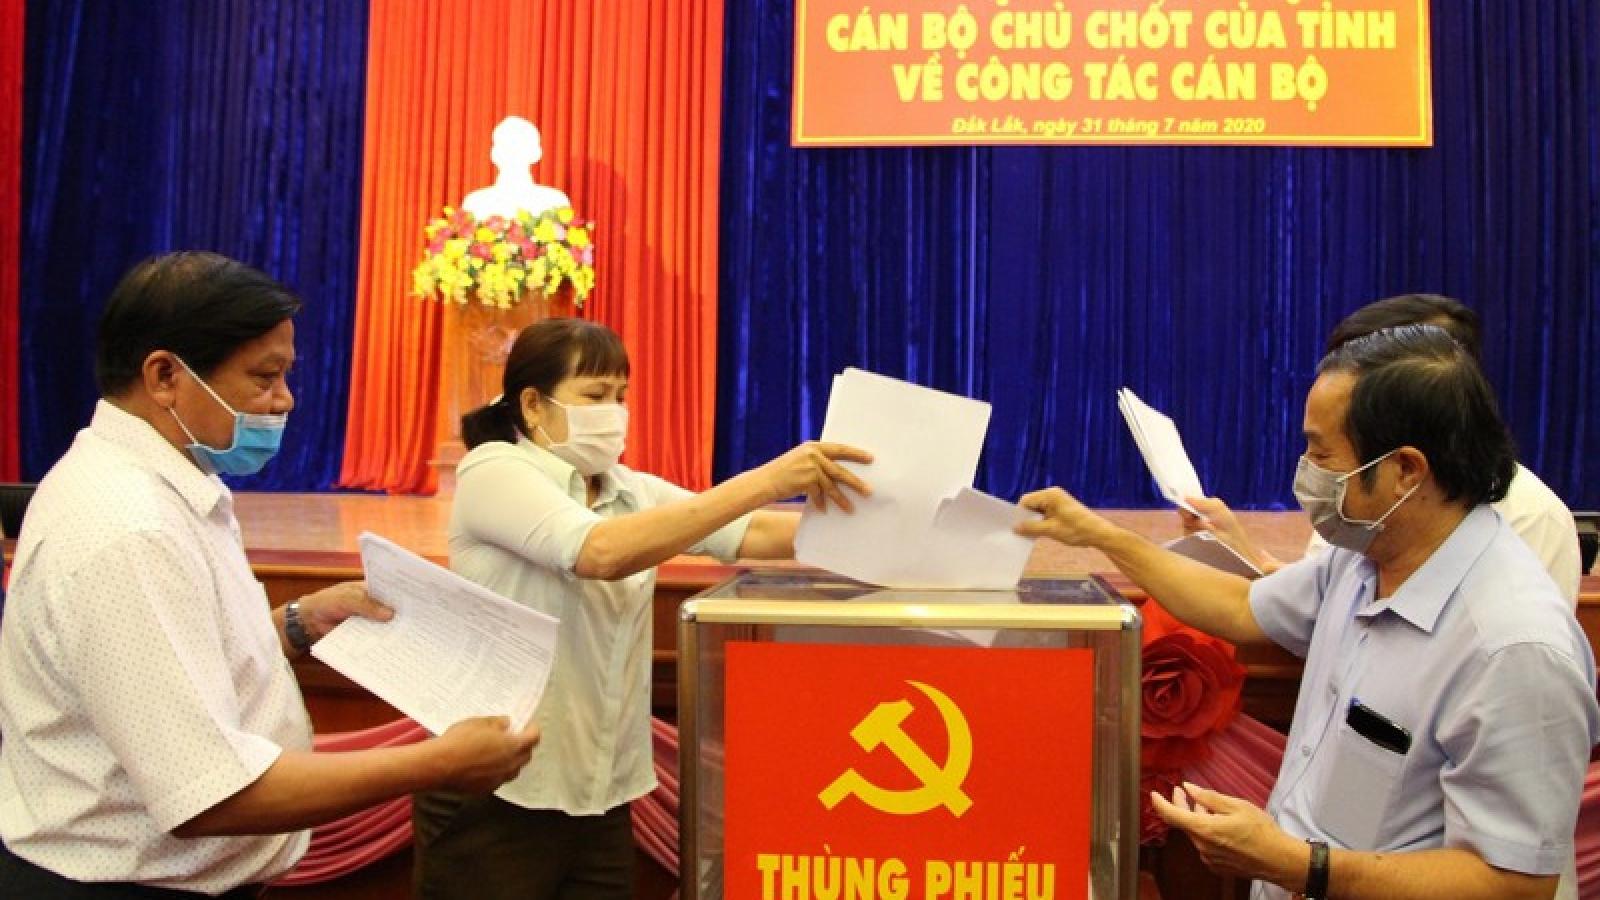 Đăk Lăk tổ chức các hội nghị xem xét cán bộ tái cử nhiệm kỳ mới